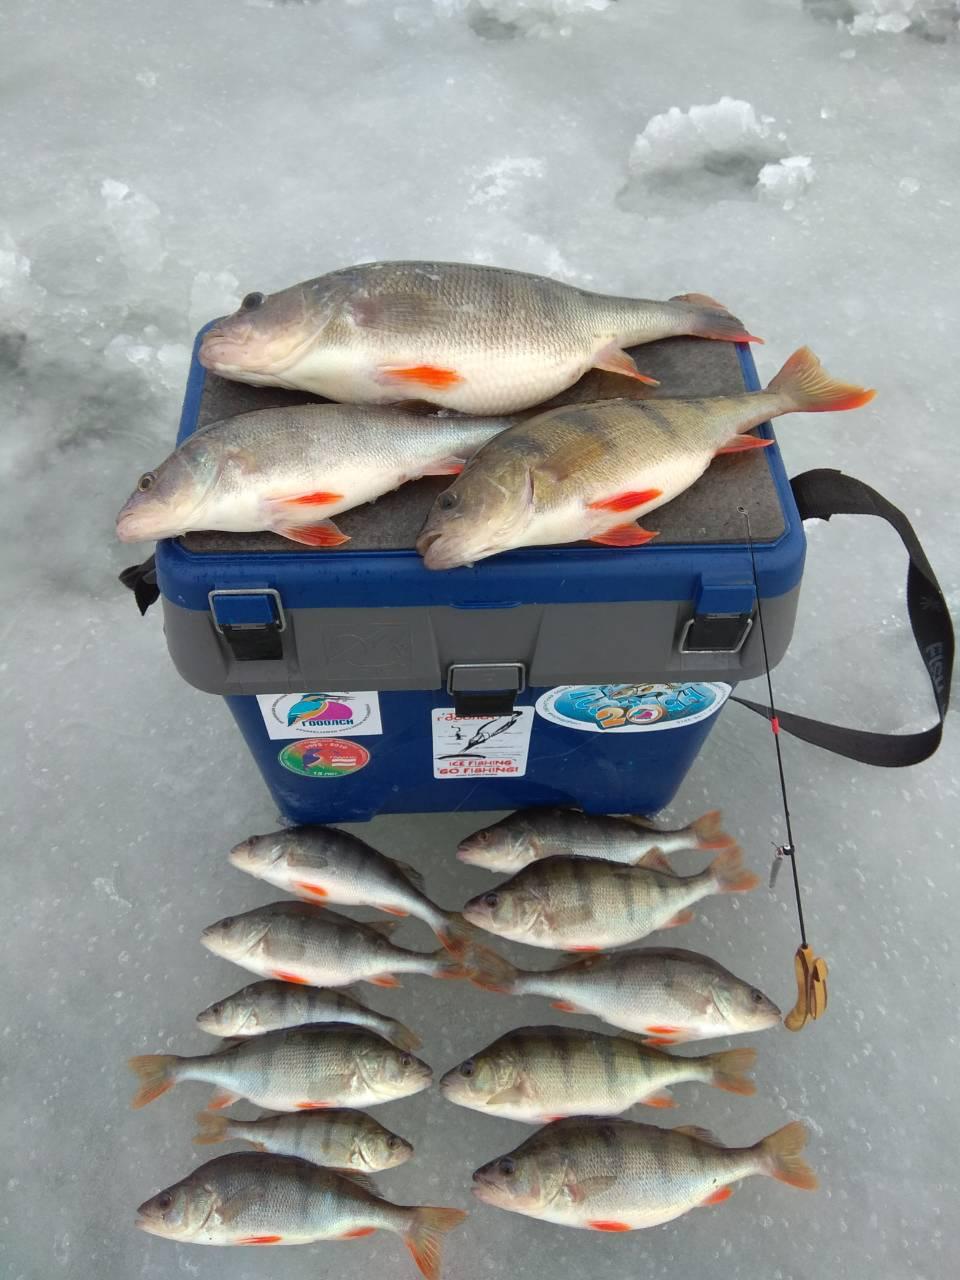 Вчера с товарищем прошлись по водохранилищу. Рыболовов можно ... | Отчеты о рыбалке в Беларуси